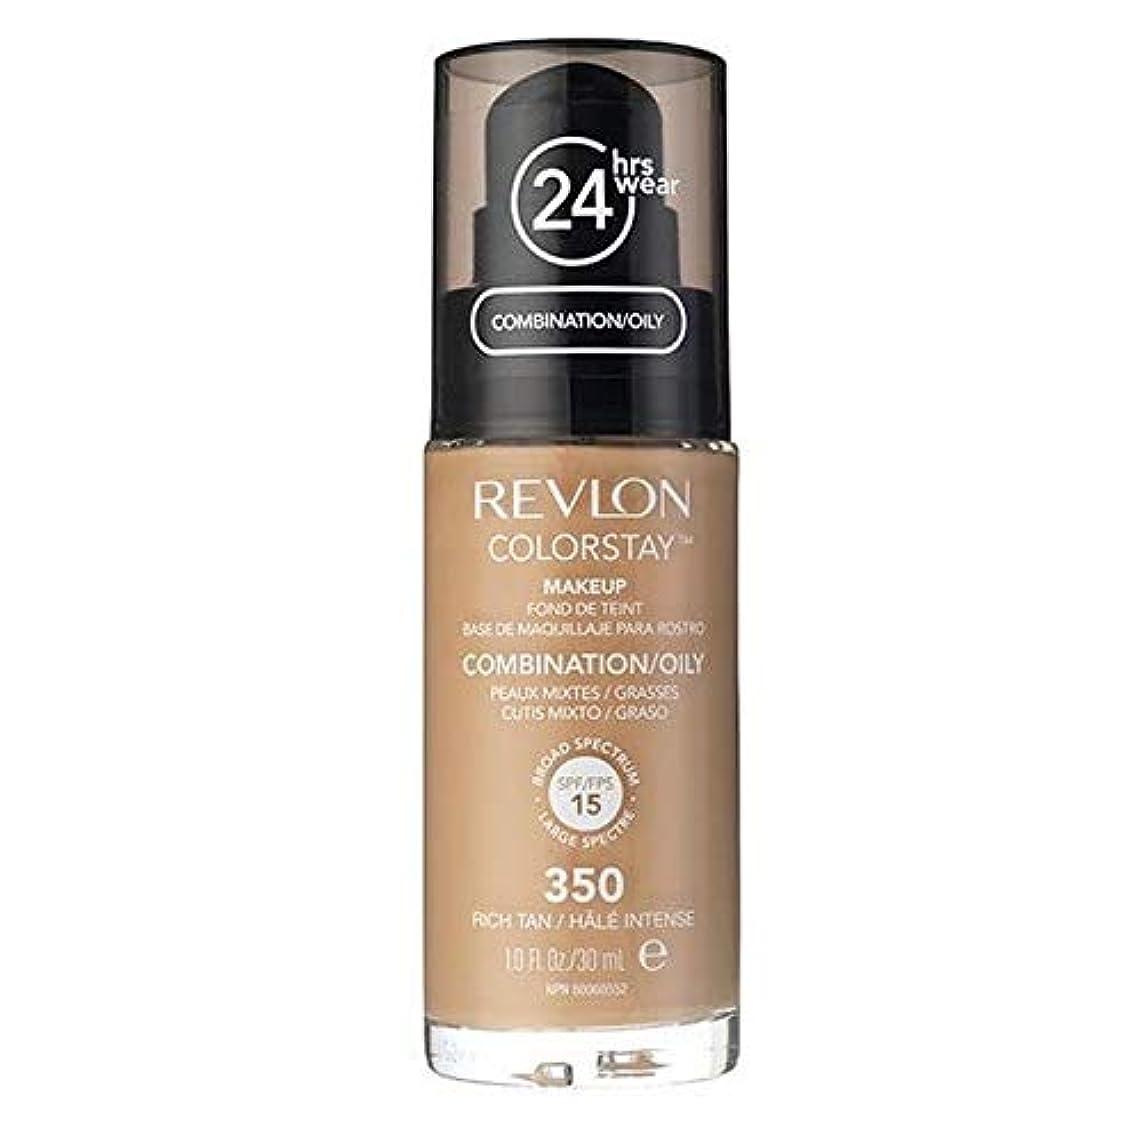 飼い慣らすアパル重要性[Revlon ] レブロンカラーステイ基盤コンビ/油性豊かな日焼け30ミリリットル - Revlon Color Stay Foundation Combi/Oily Rich Tan 30ml [並行輸入品]